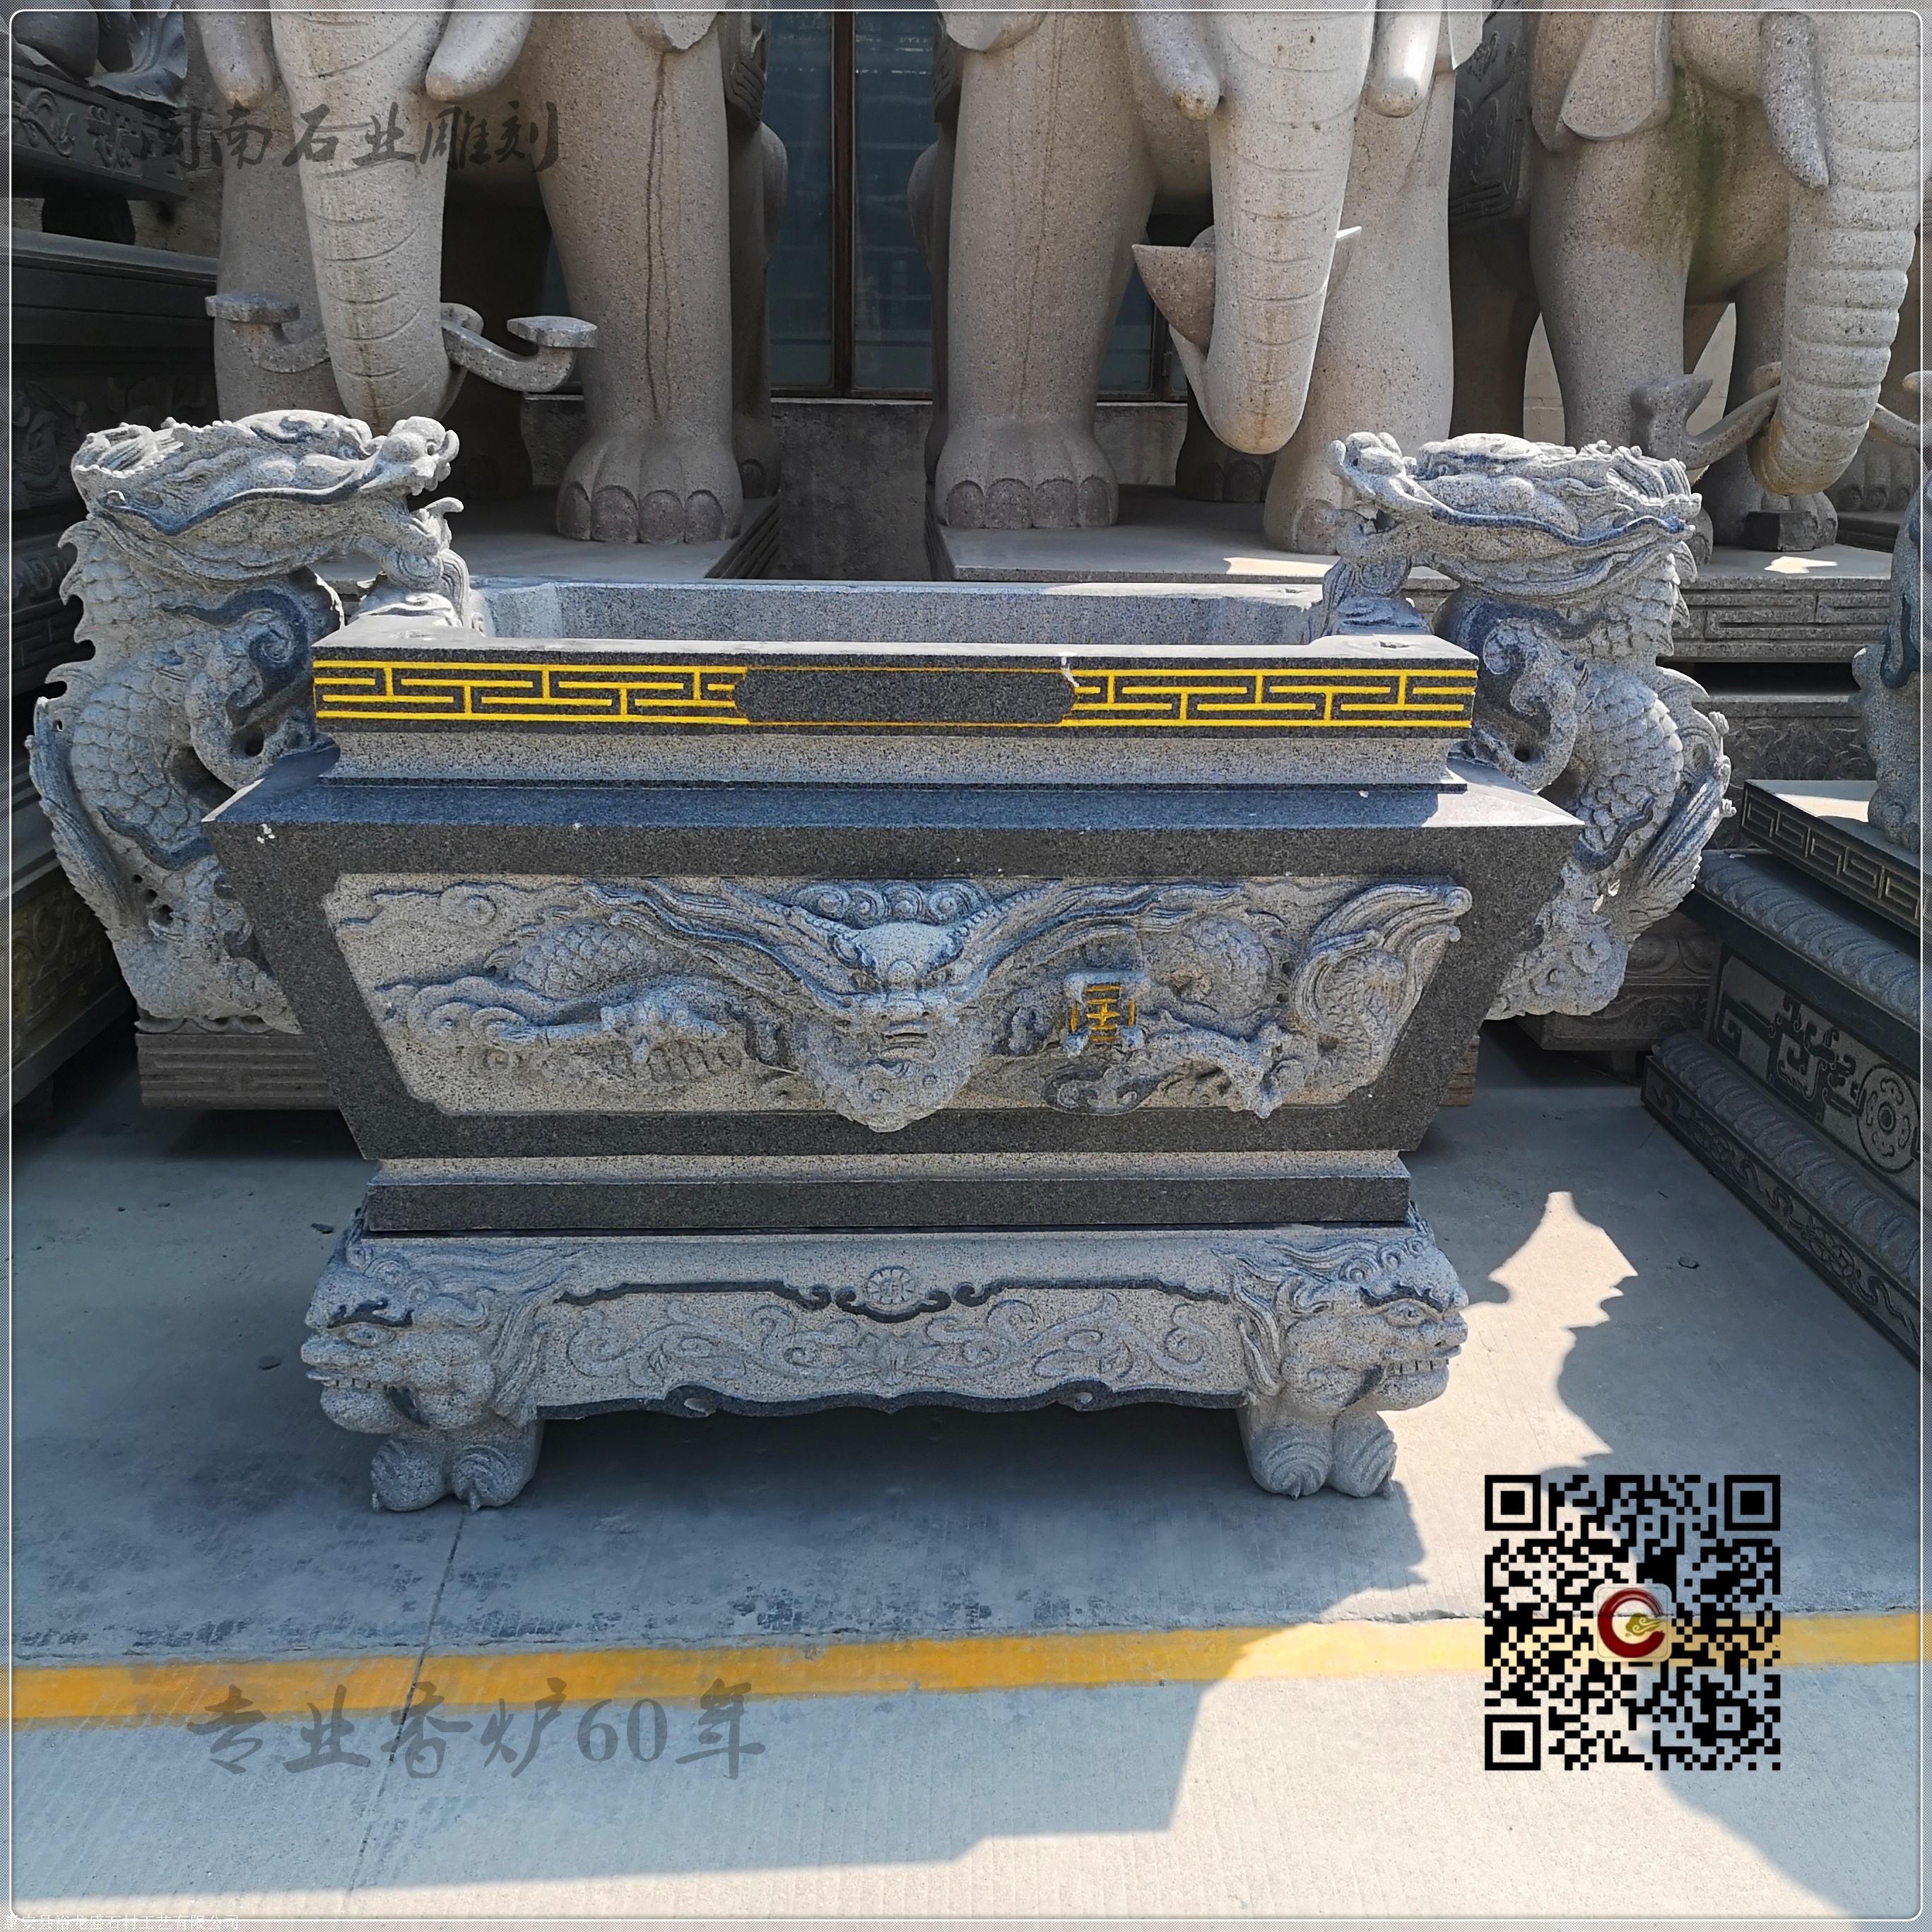 寺庙石雕喷鼻炉 青石石雕喷鼻炉厂家  惠安石雕厂